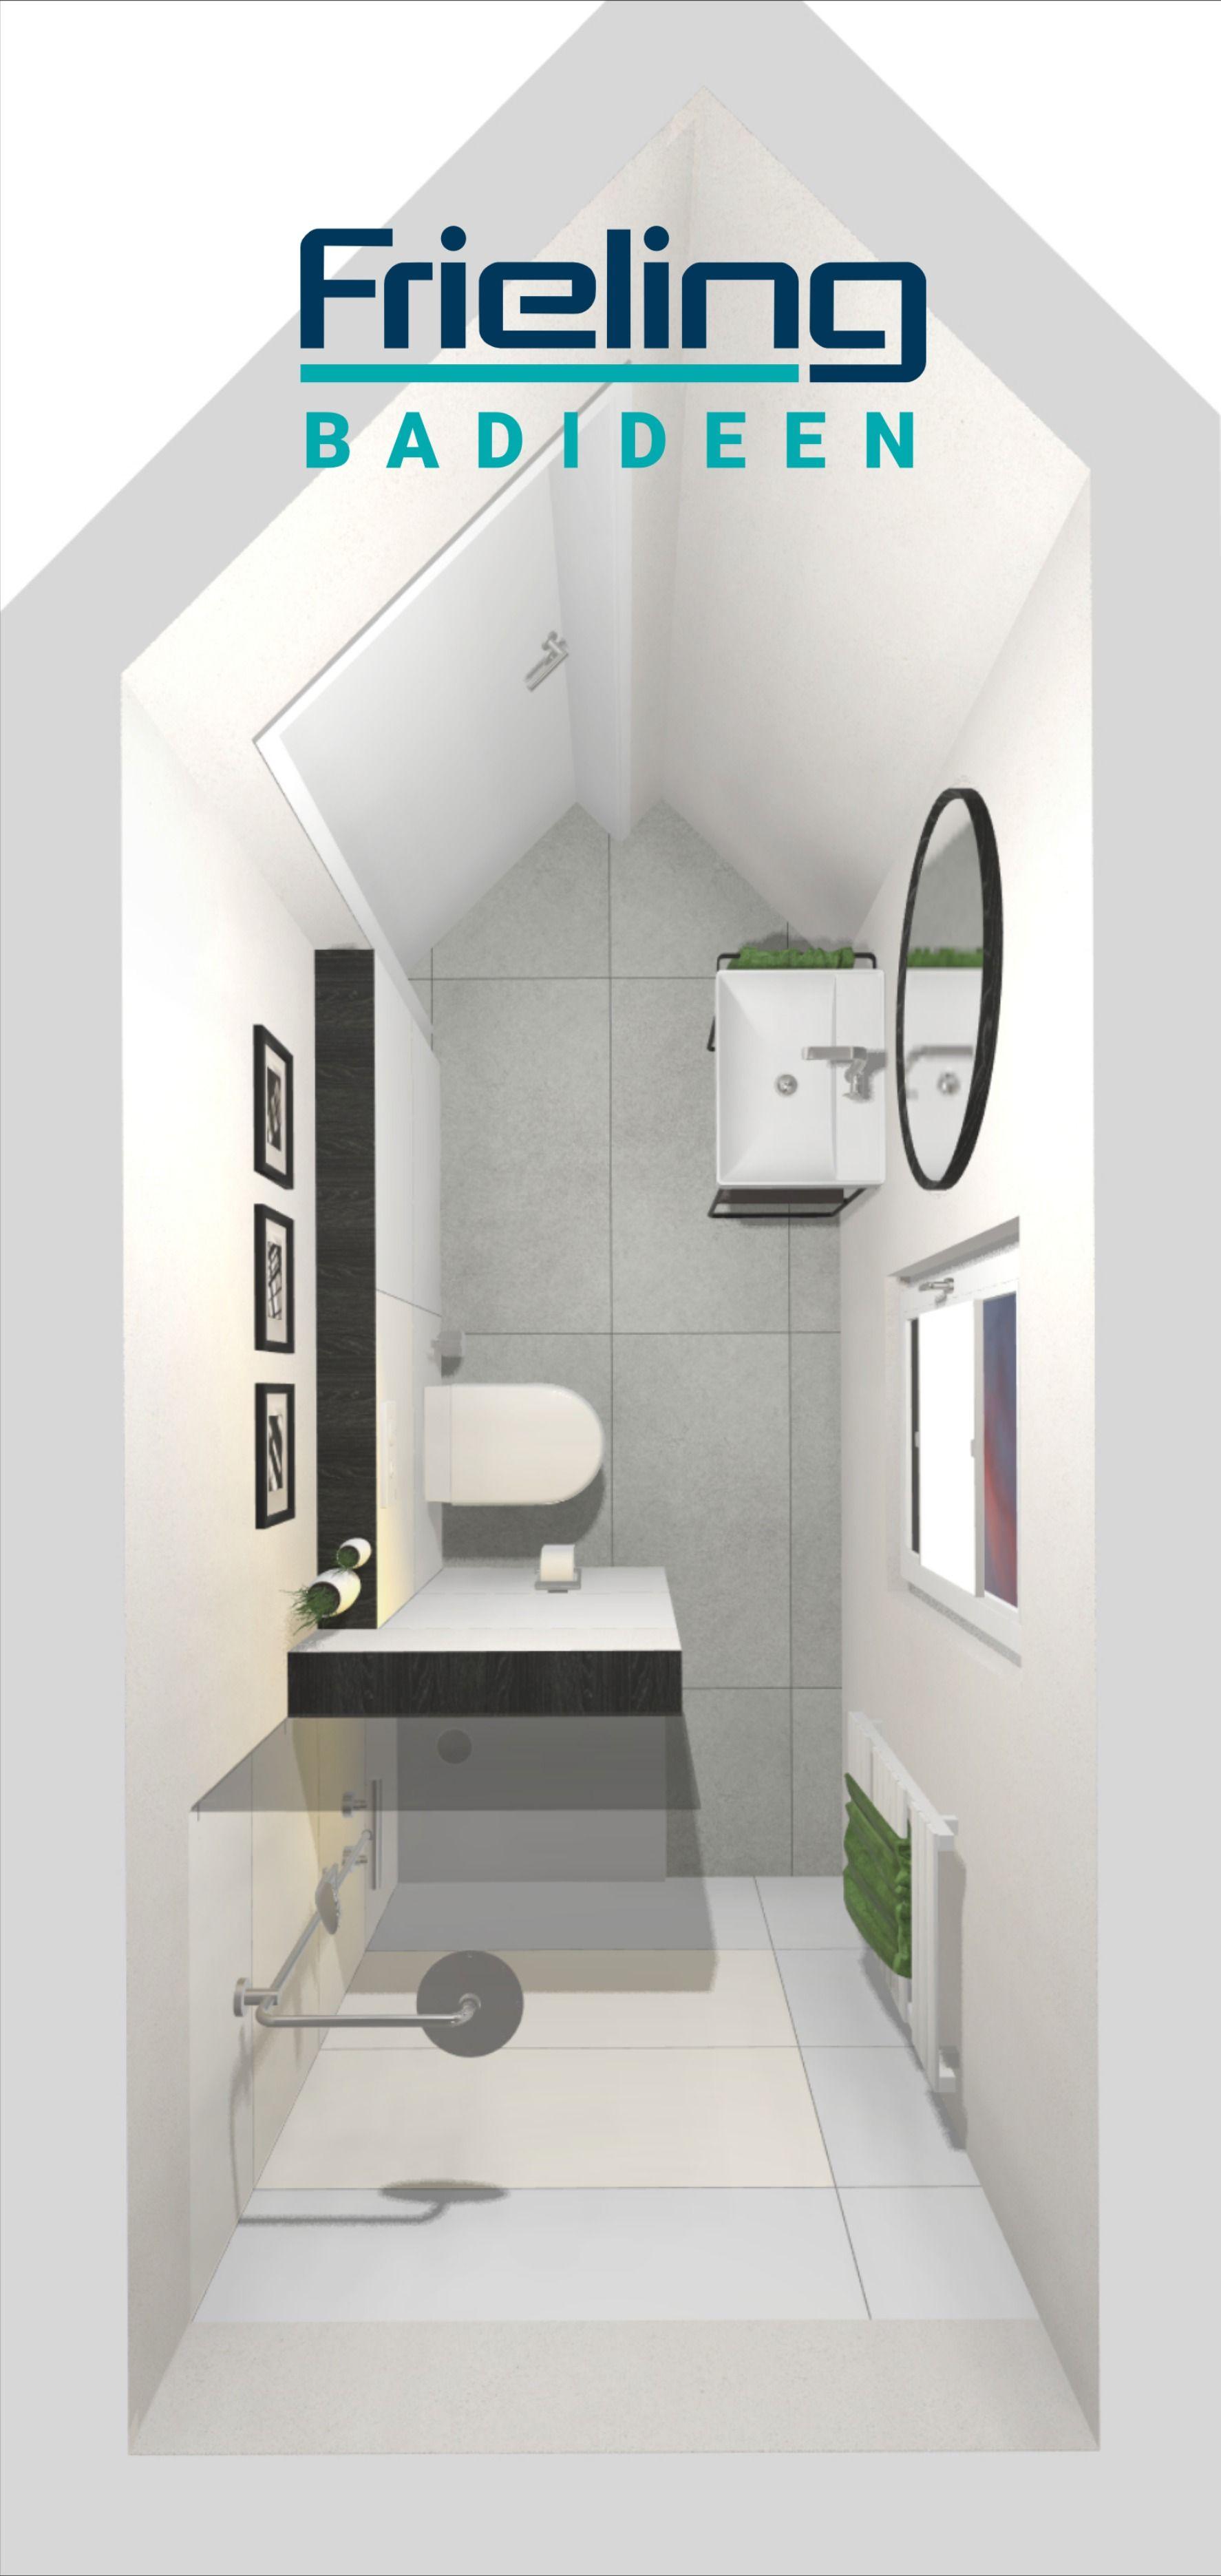 So Richten Wir Kleine Bader Ein Schlauchbad 3d Planung Draufsicht Gastebad Mit Dusche In 2020 Gastebad Dusche Bad